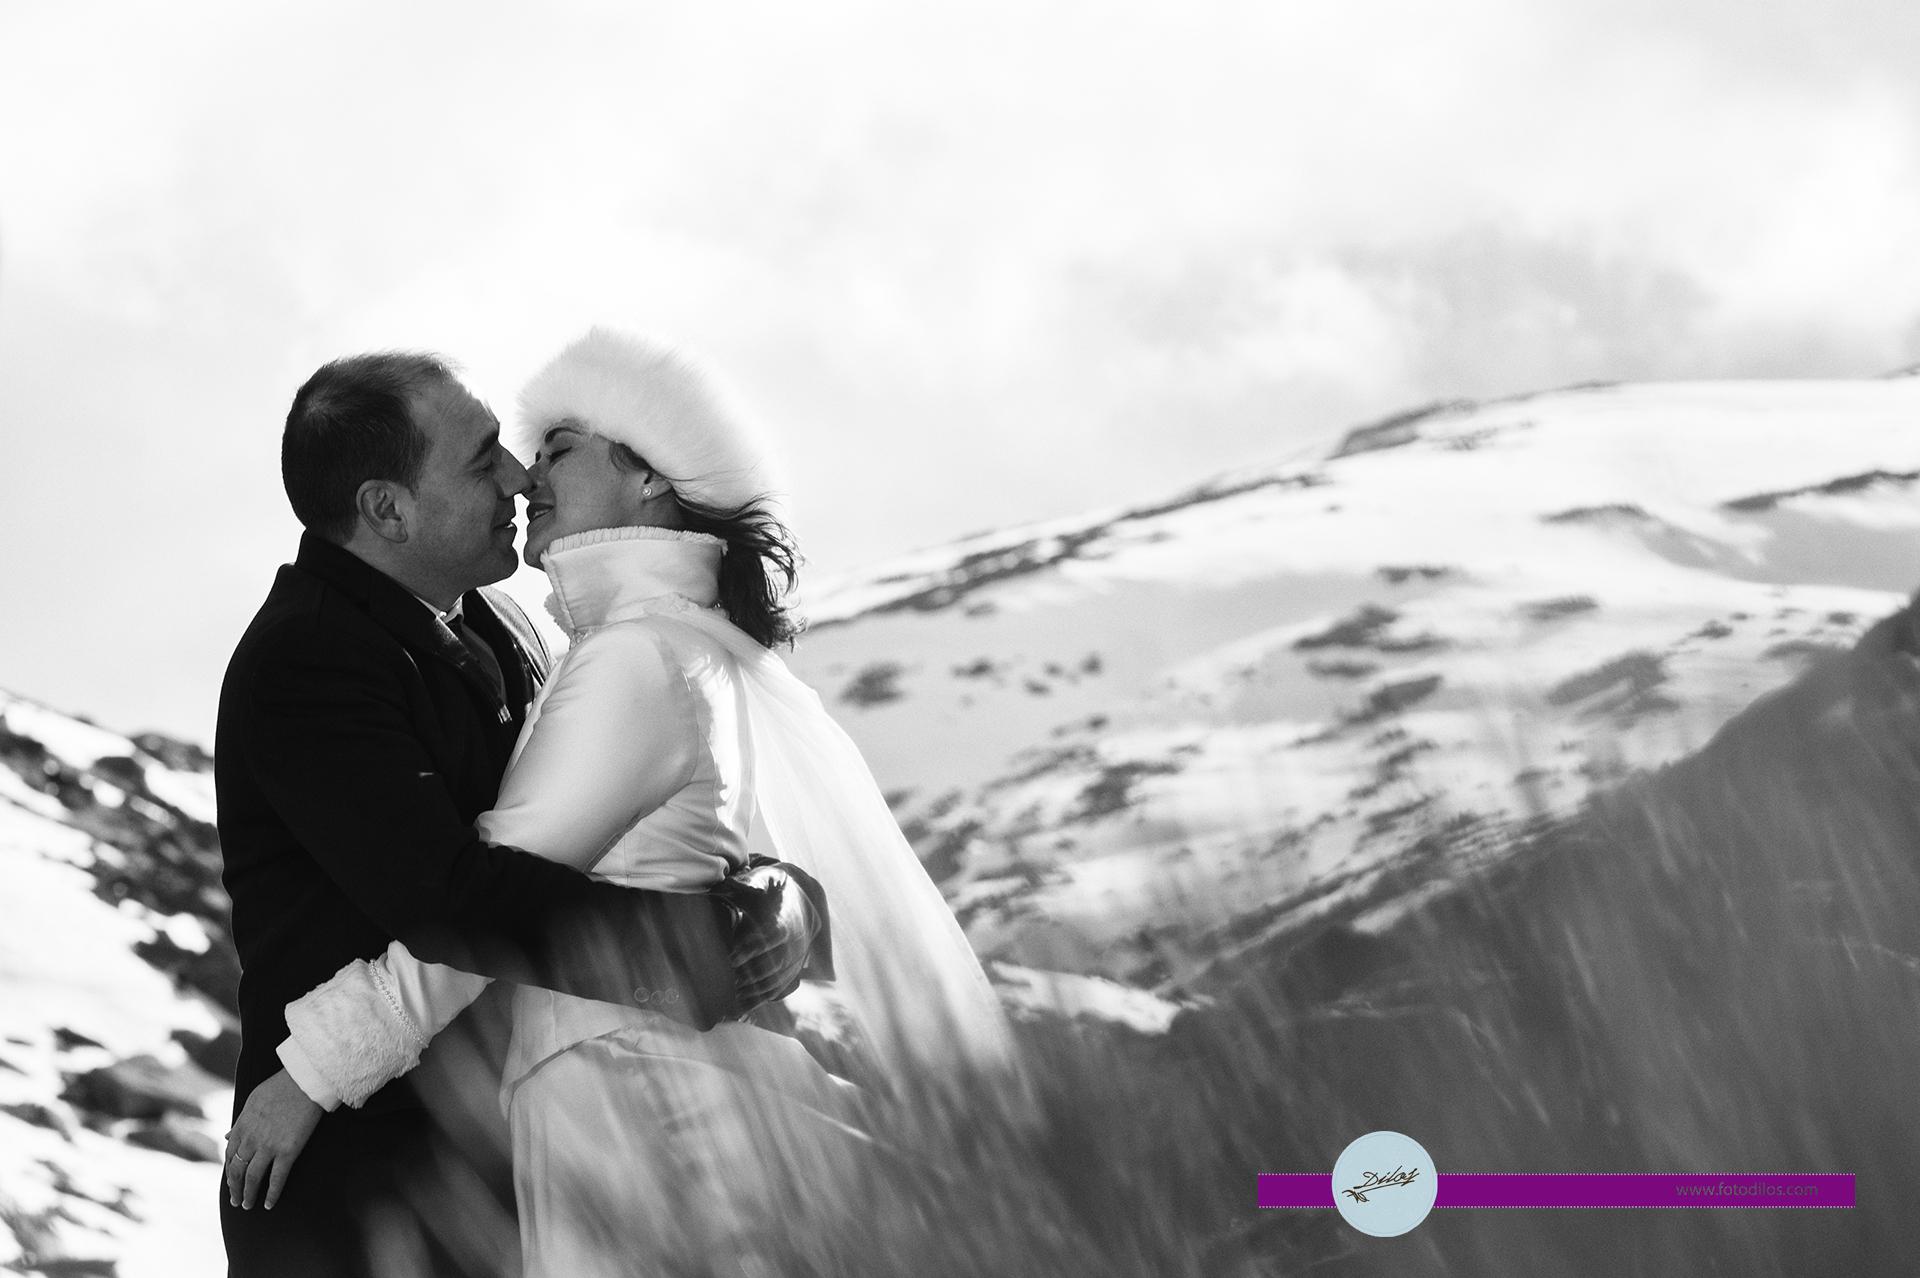 Postboda en la nieve Oscar y Miriam